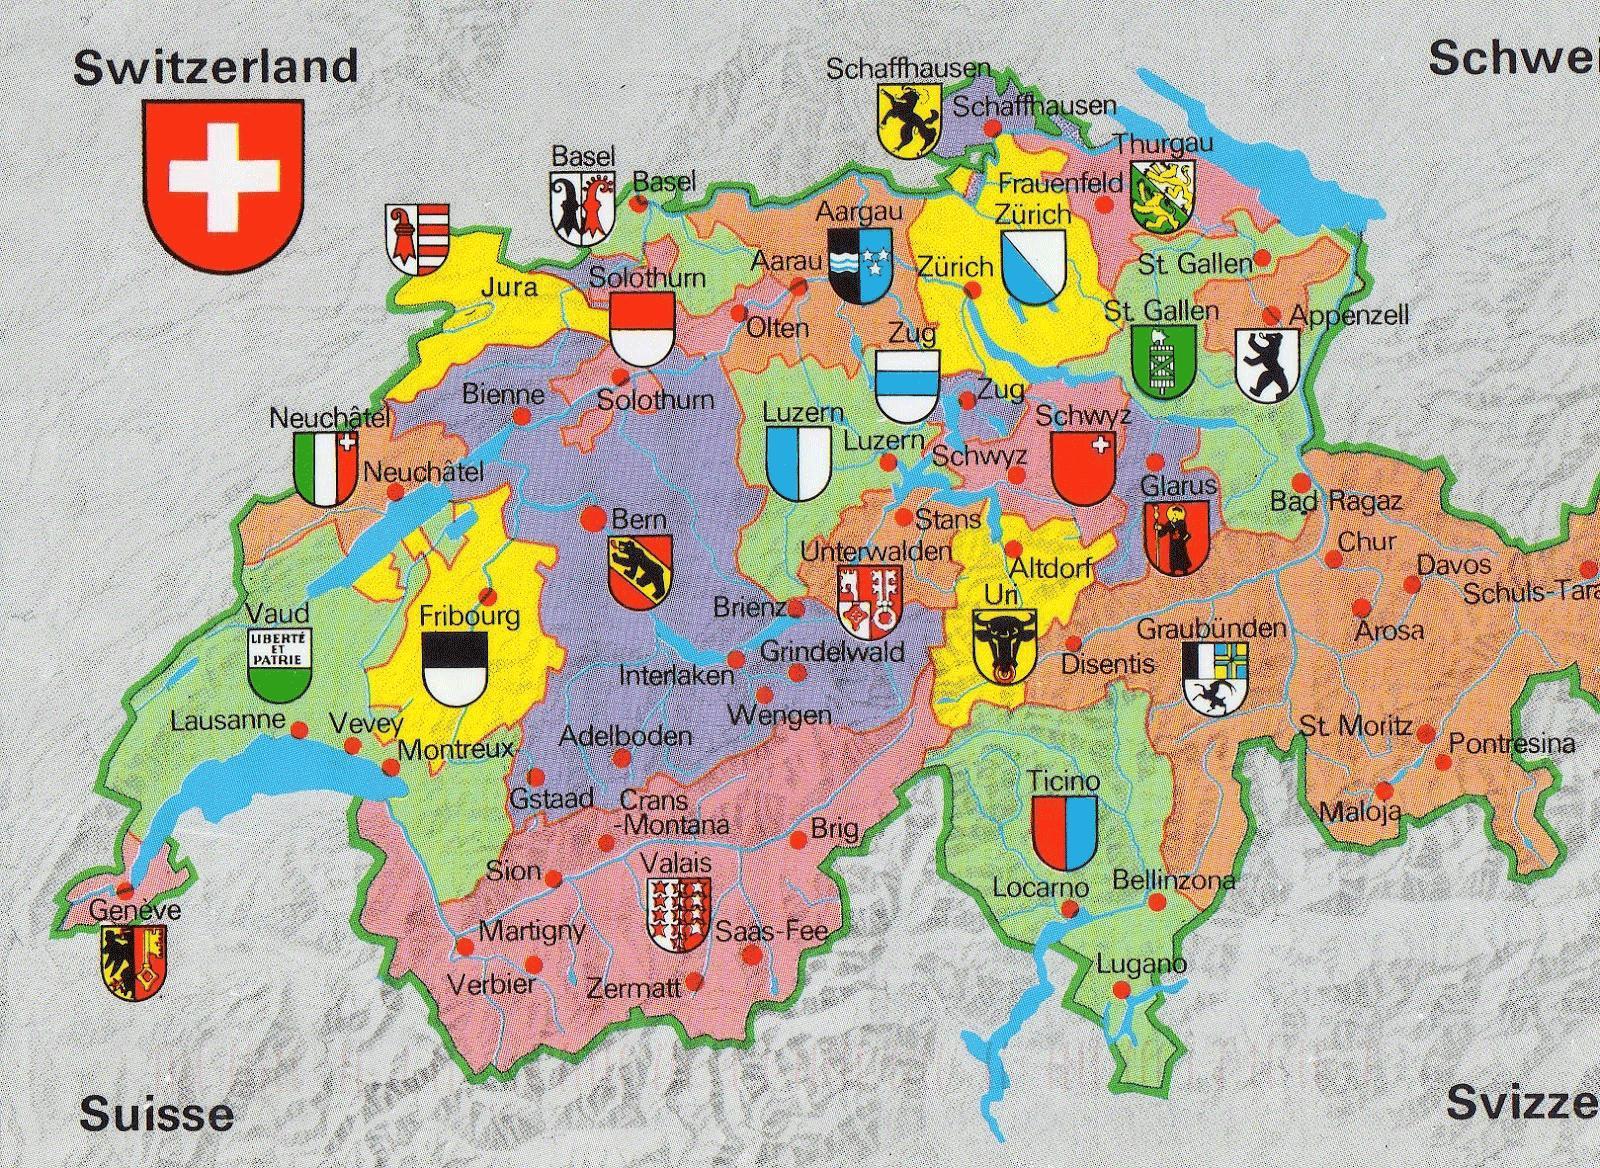 Elvetia Harta Cu Obiective Turistice Harta De Elveția Cu